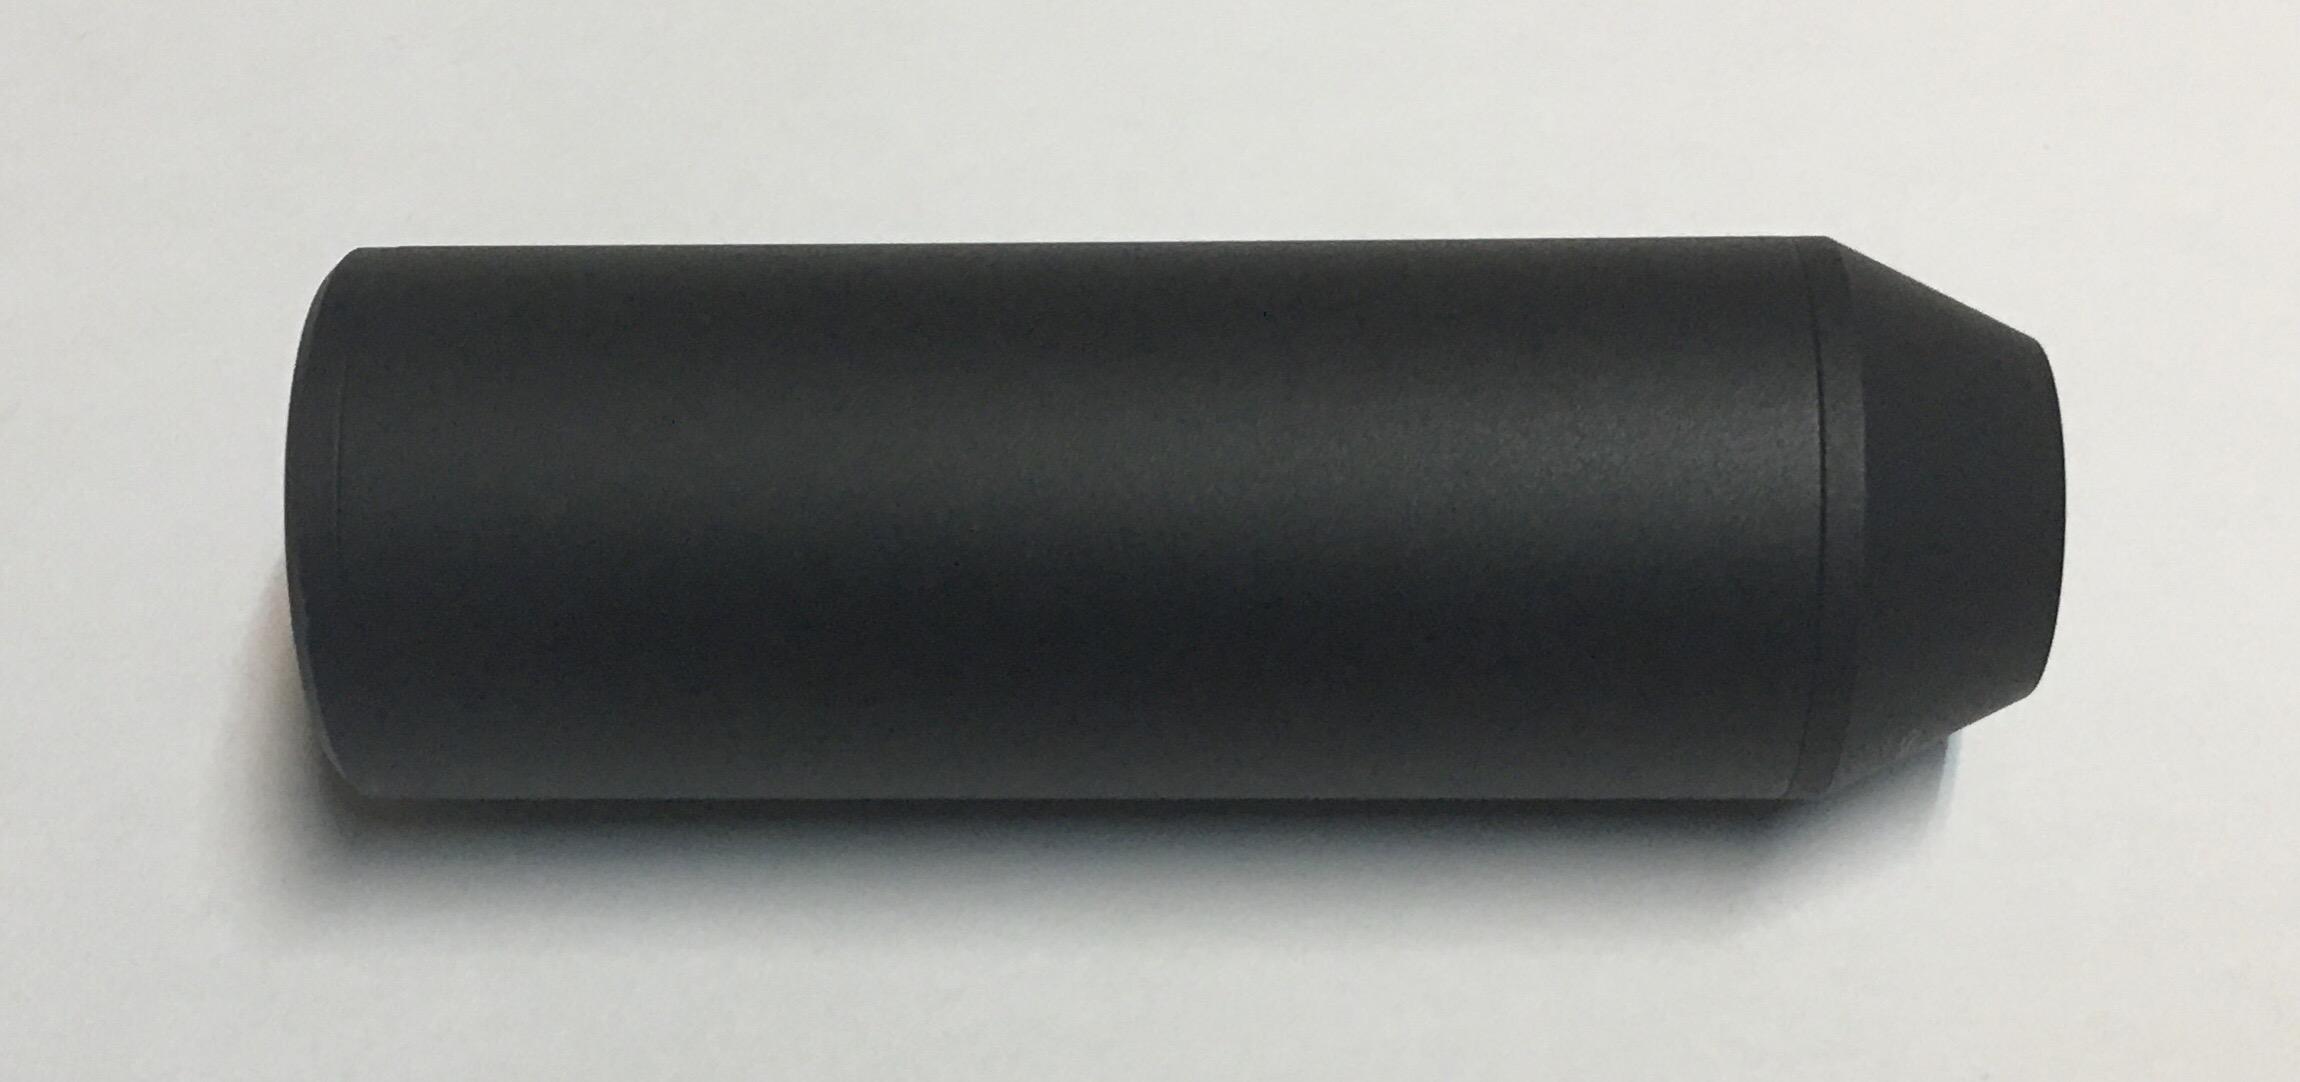 Kompaktschalldämpfer für F- CO2 und Luftpistolen